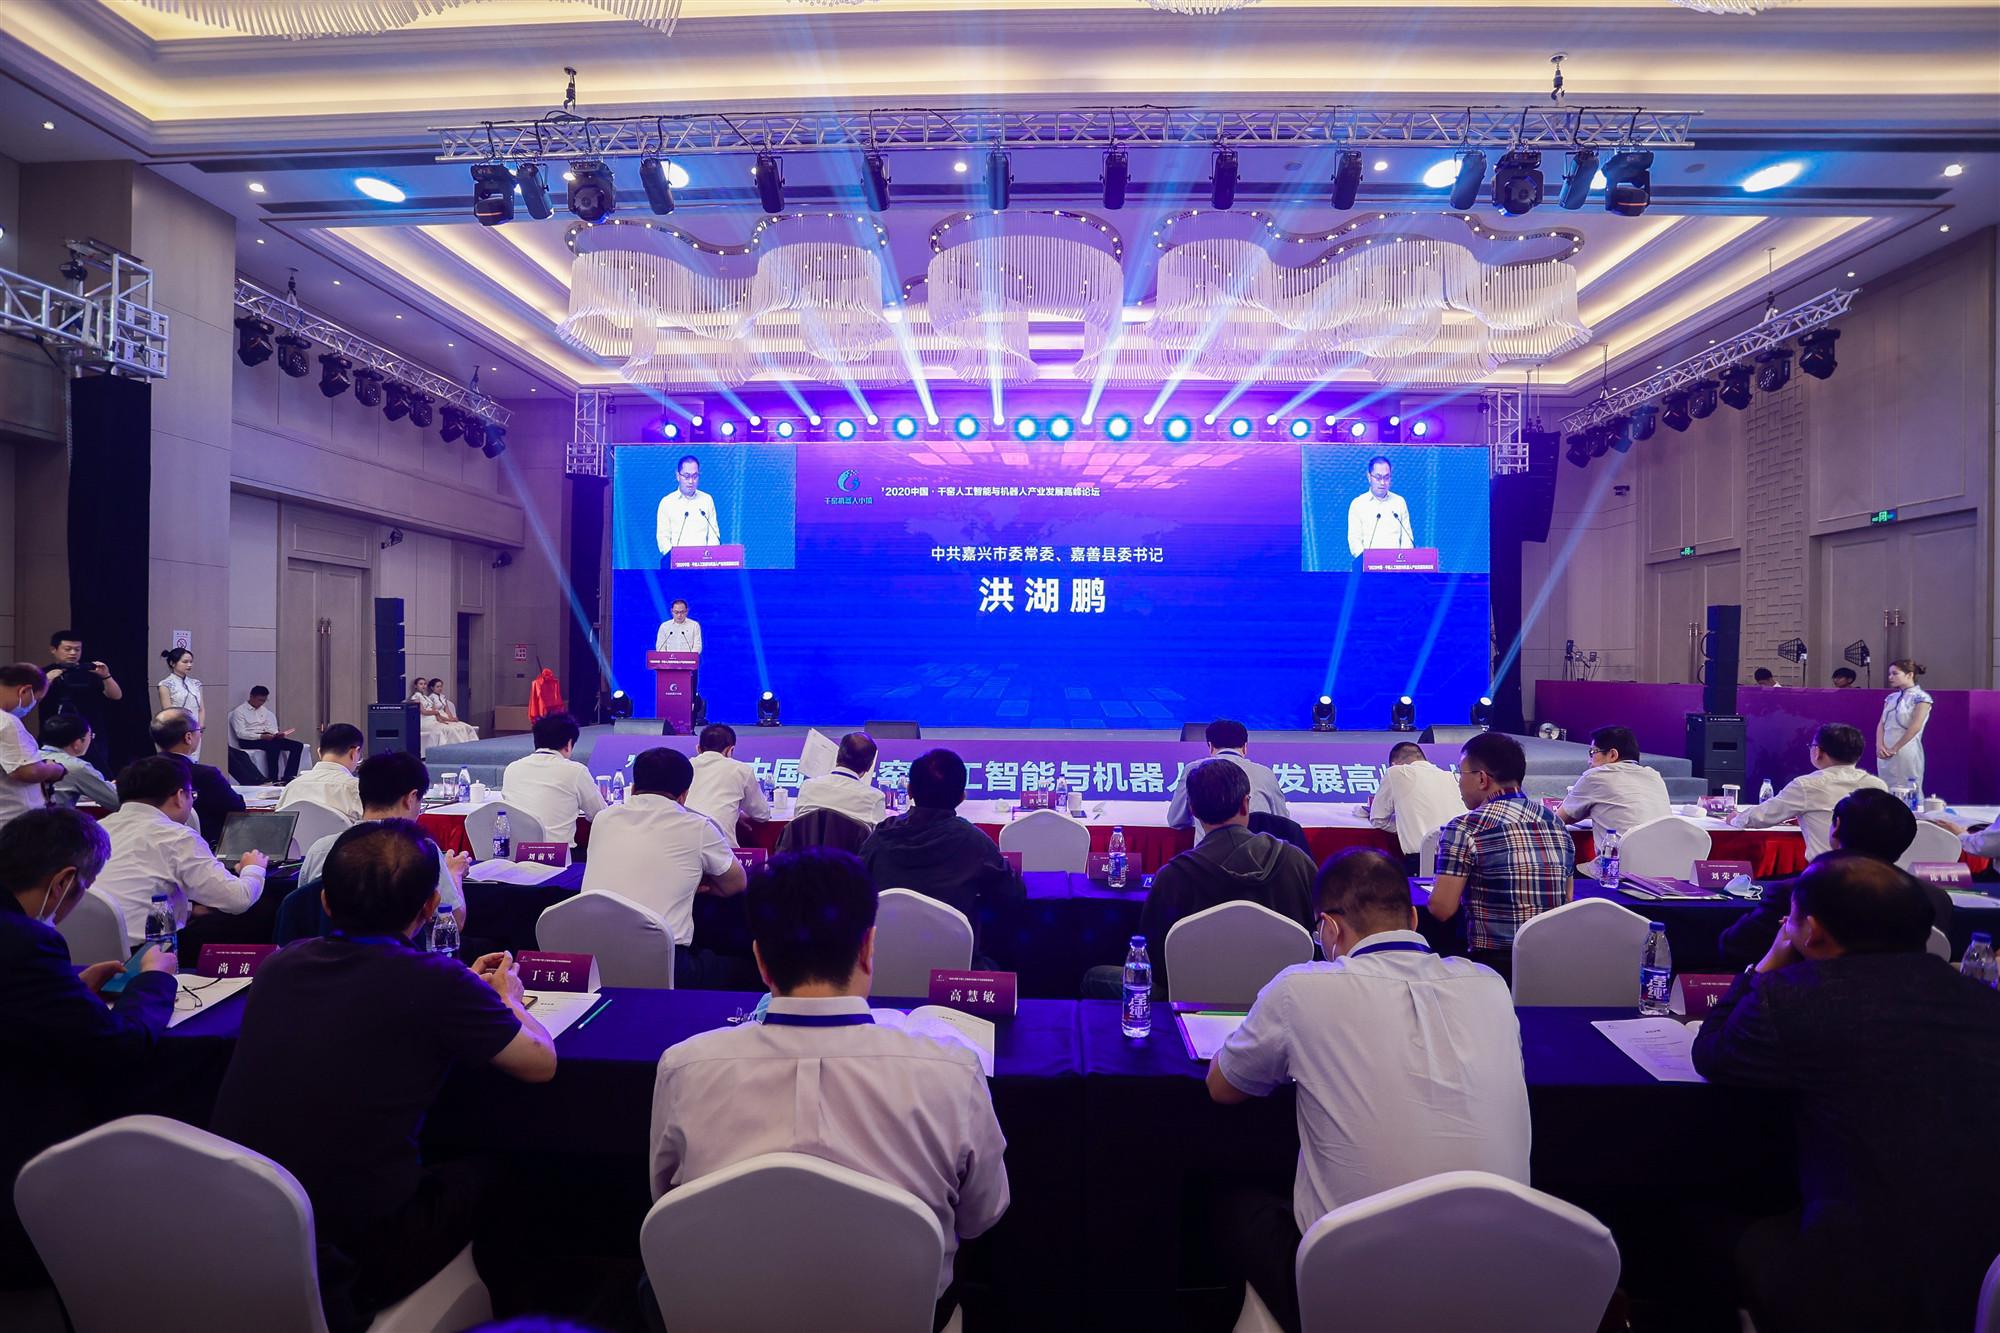 示范区崛起人工智能聚集新高地  2020中国嘉善·干窑人工智能与机器人产业发展高峰论坛举行